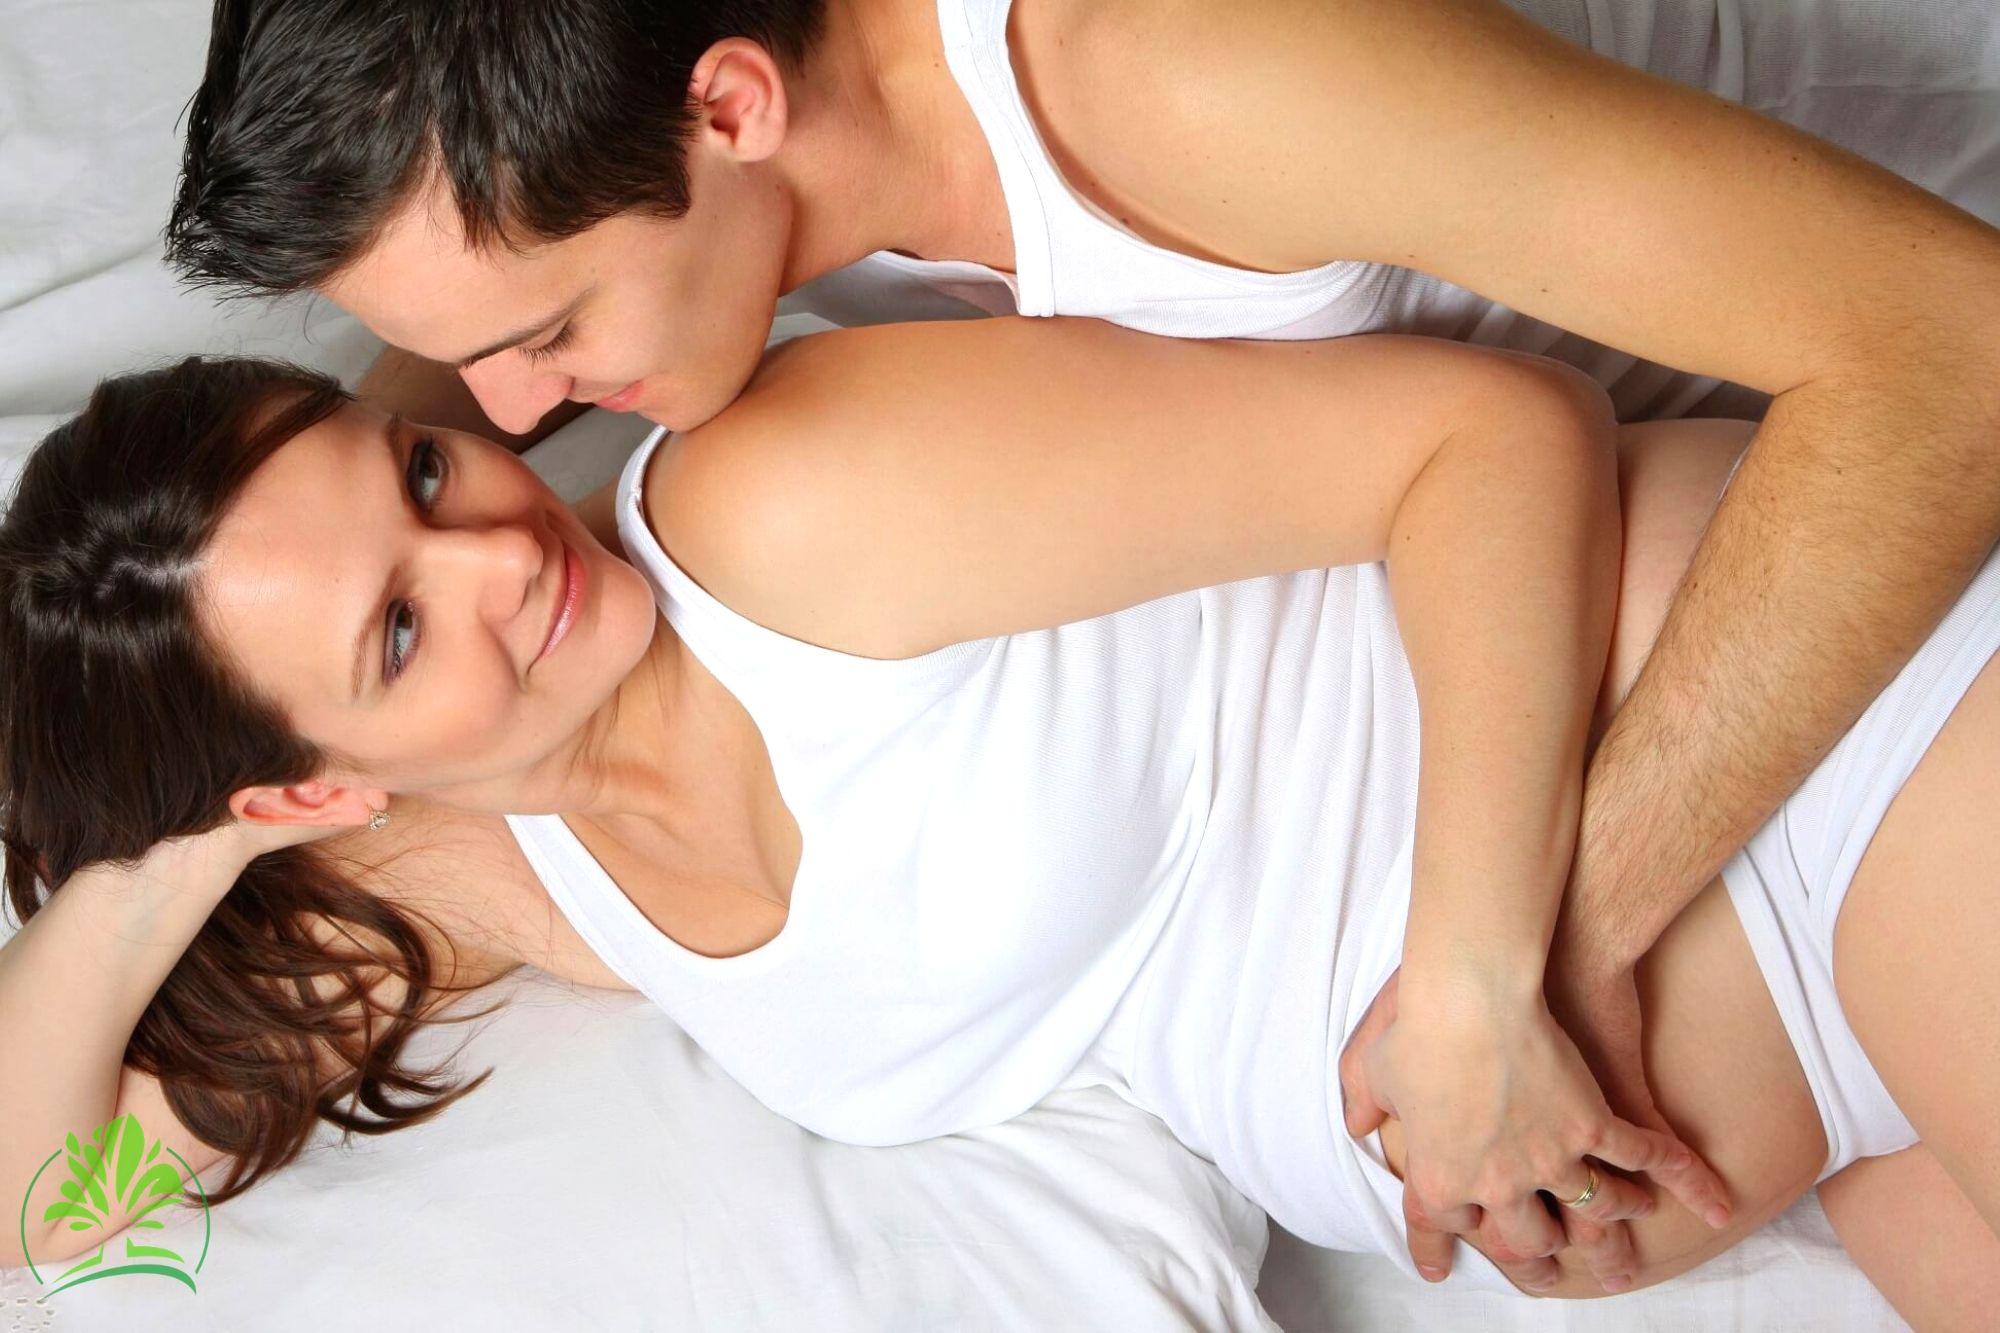 занятия любовью во время беременности